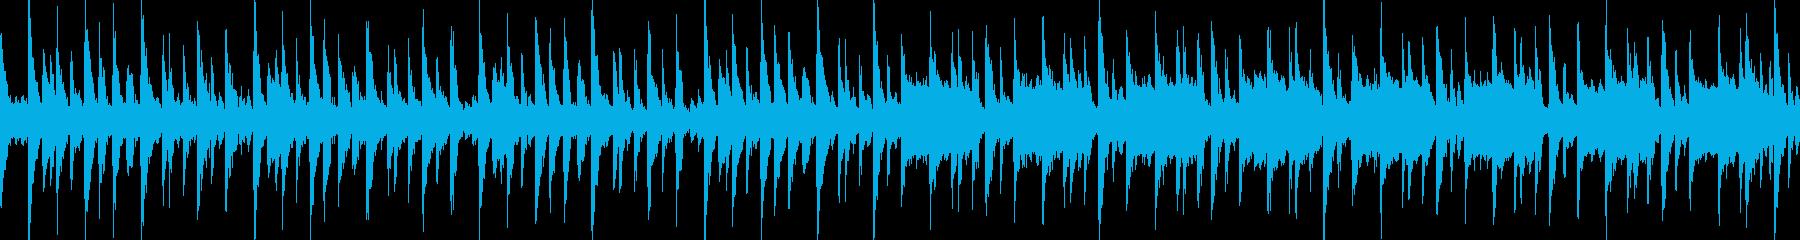 ダンジョン2 RPG ゲーム ループの再生済みの波形